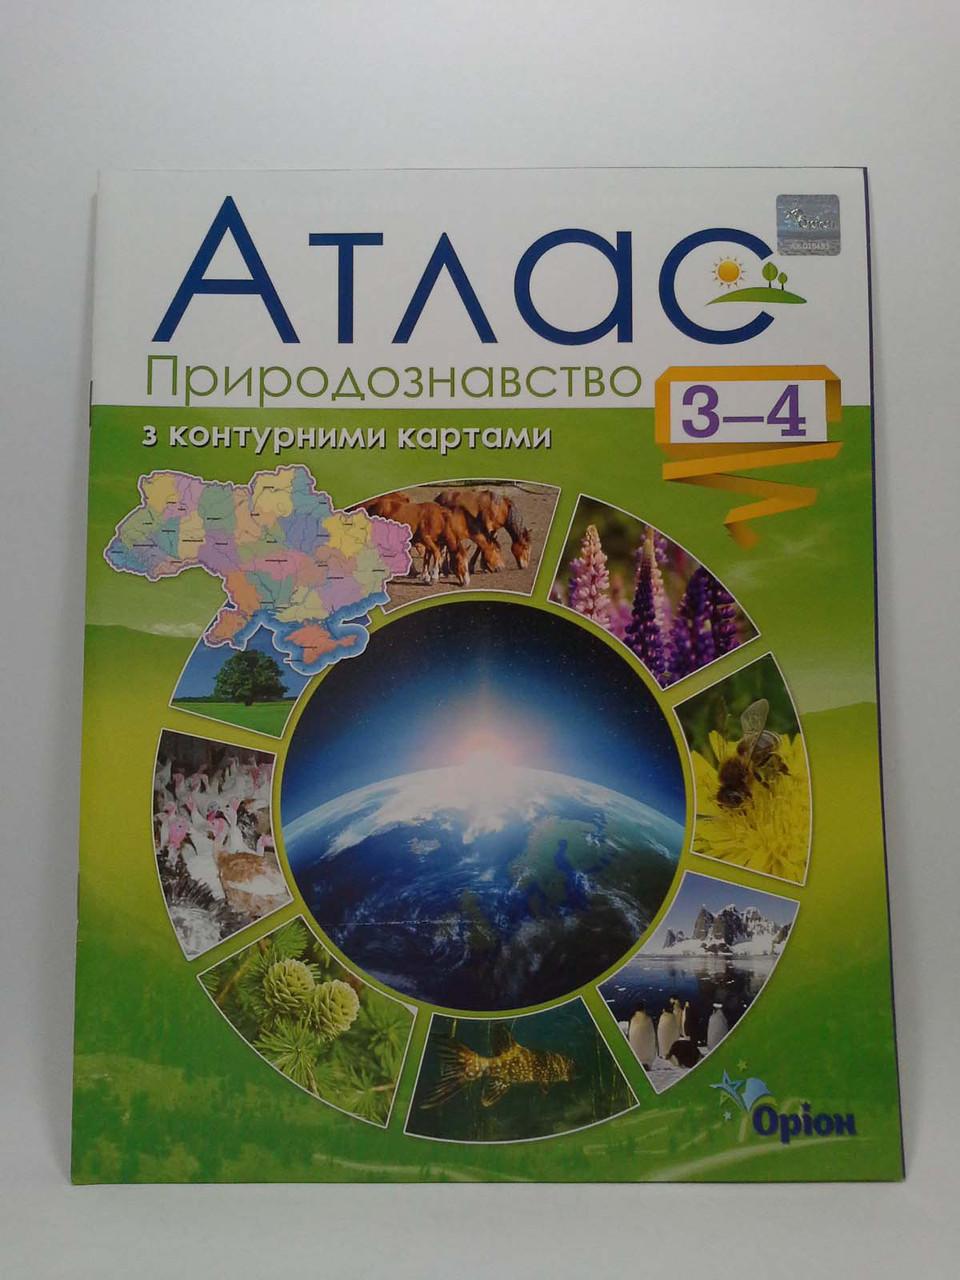 Атлас Природознавство 3-4 клас Гільберг Оріон